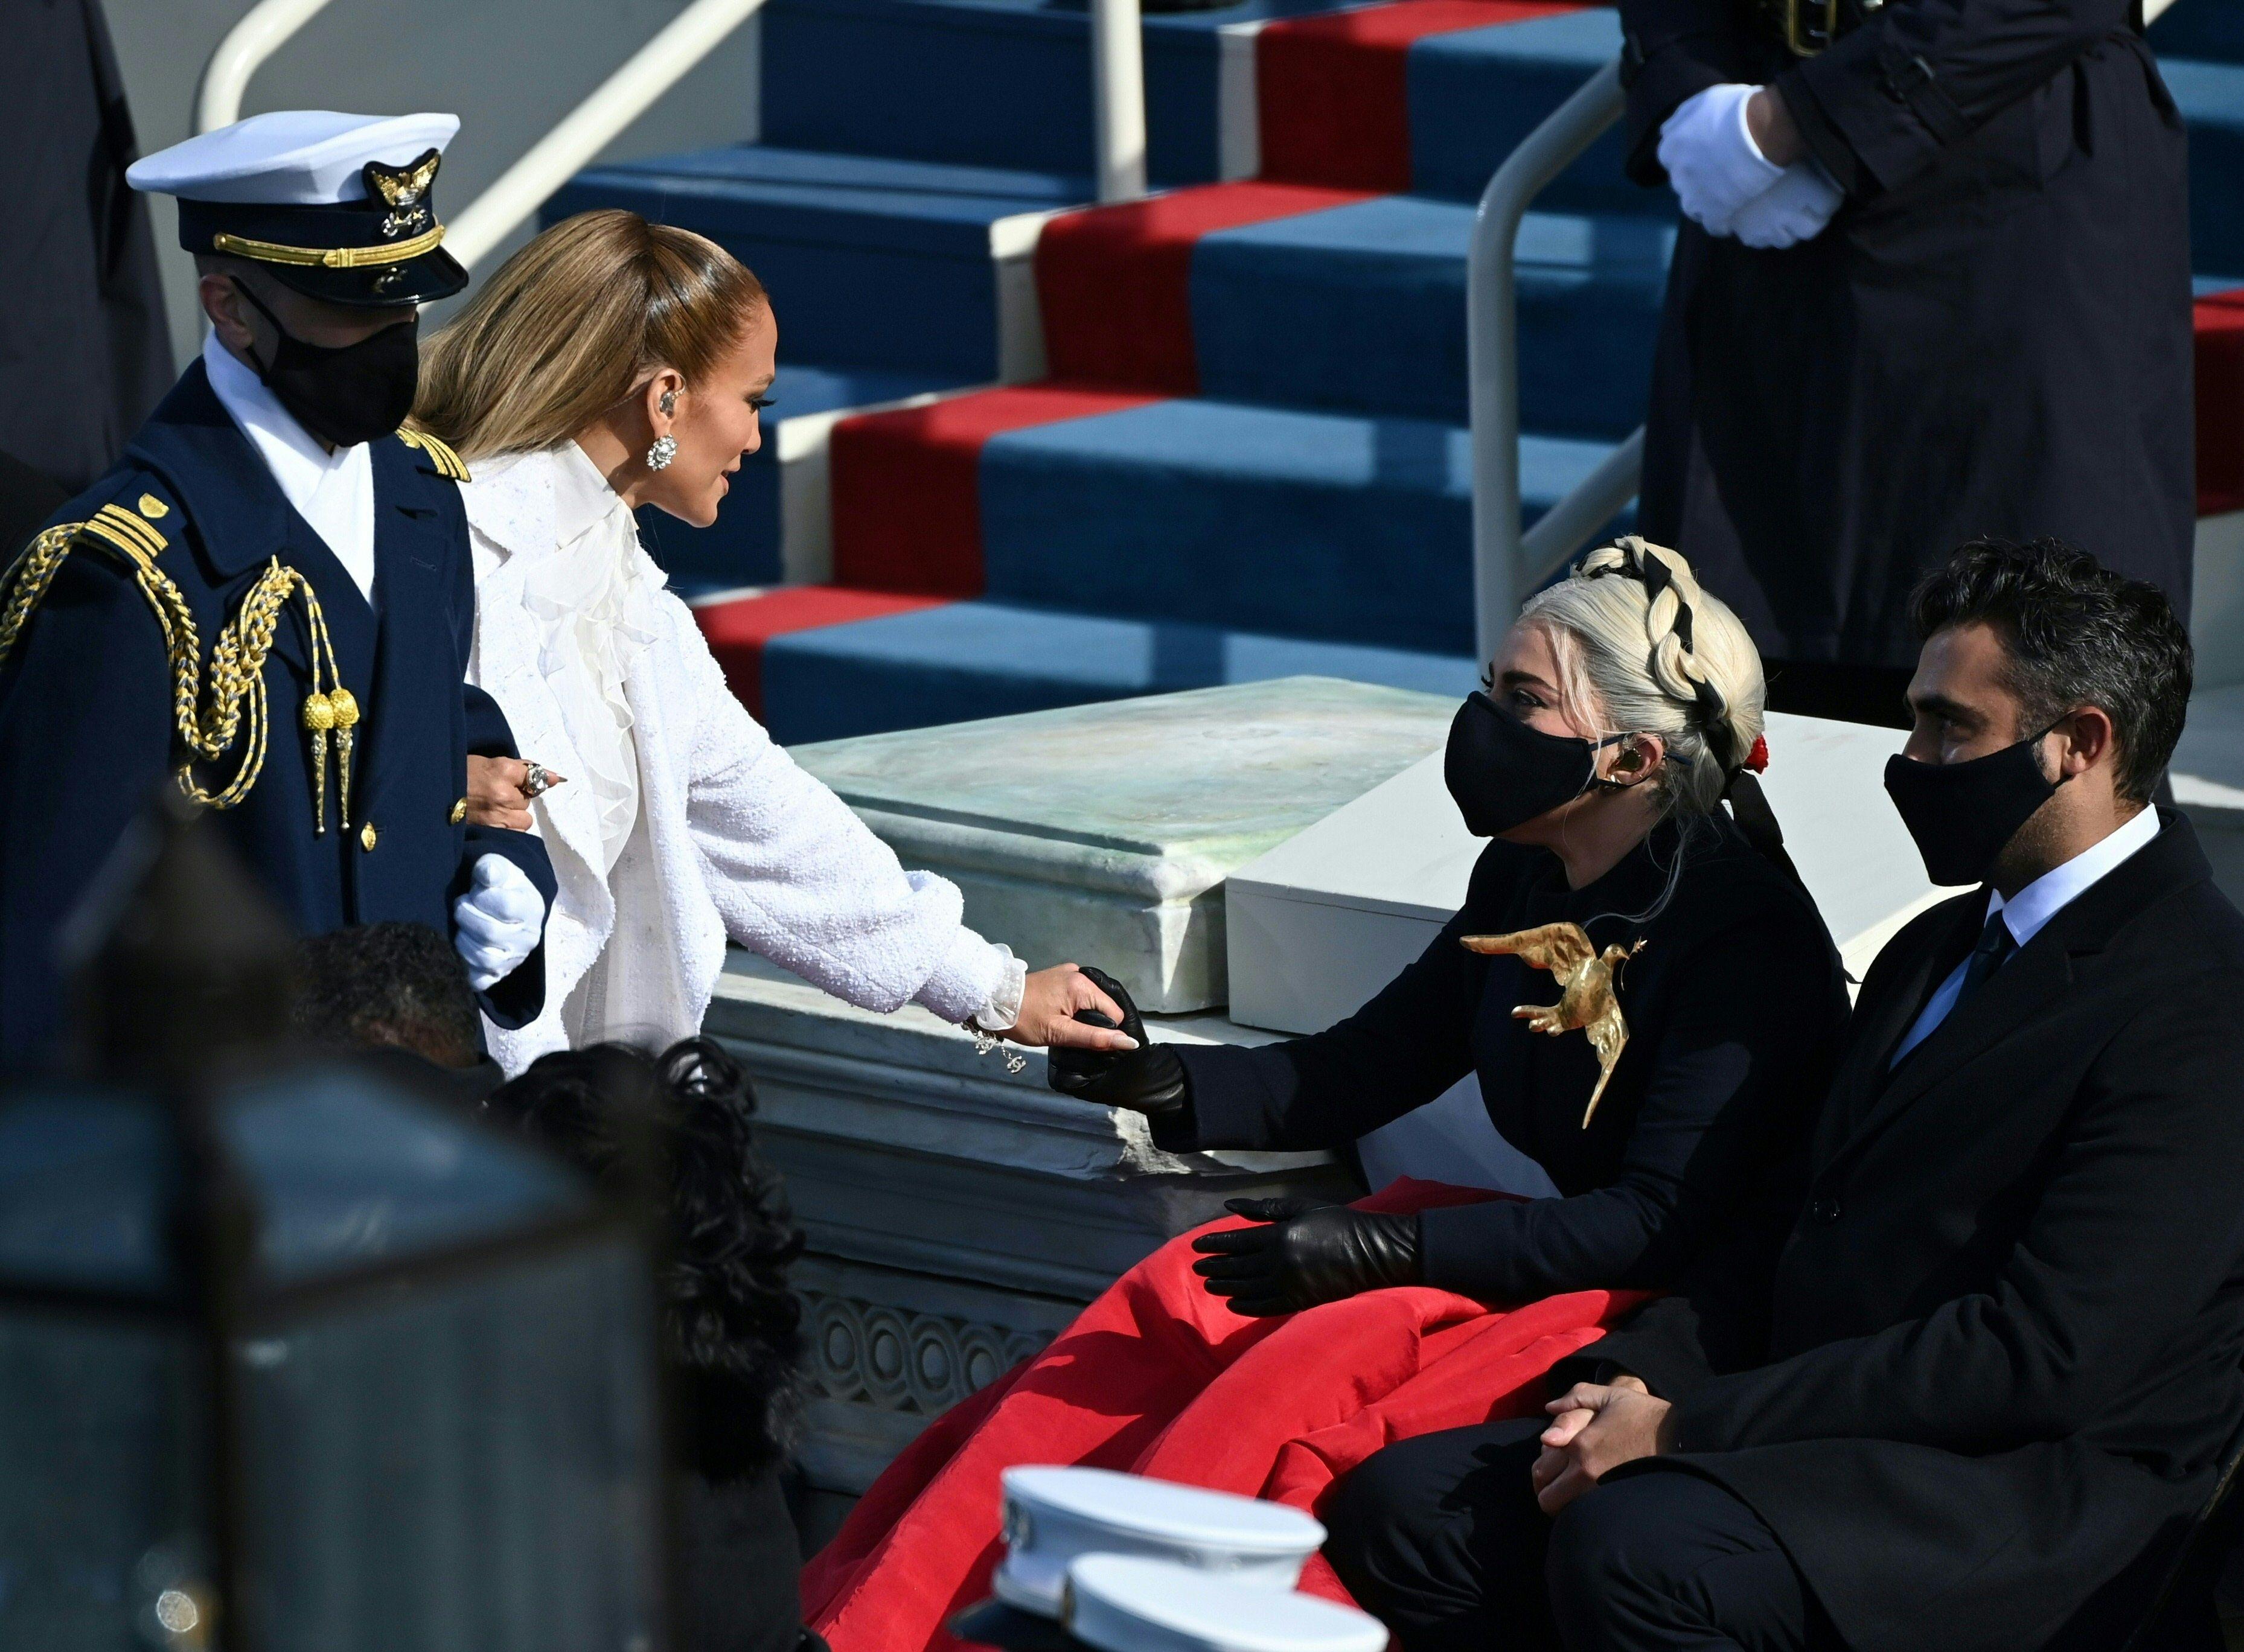 Sì, il mondo si era perso il bacio di Lady Gaga col fidanzato Michael Polansky all'Inauguration Day